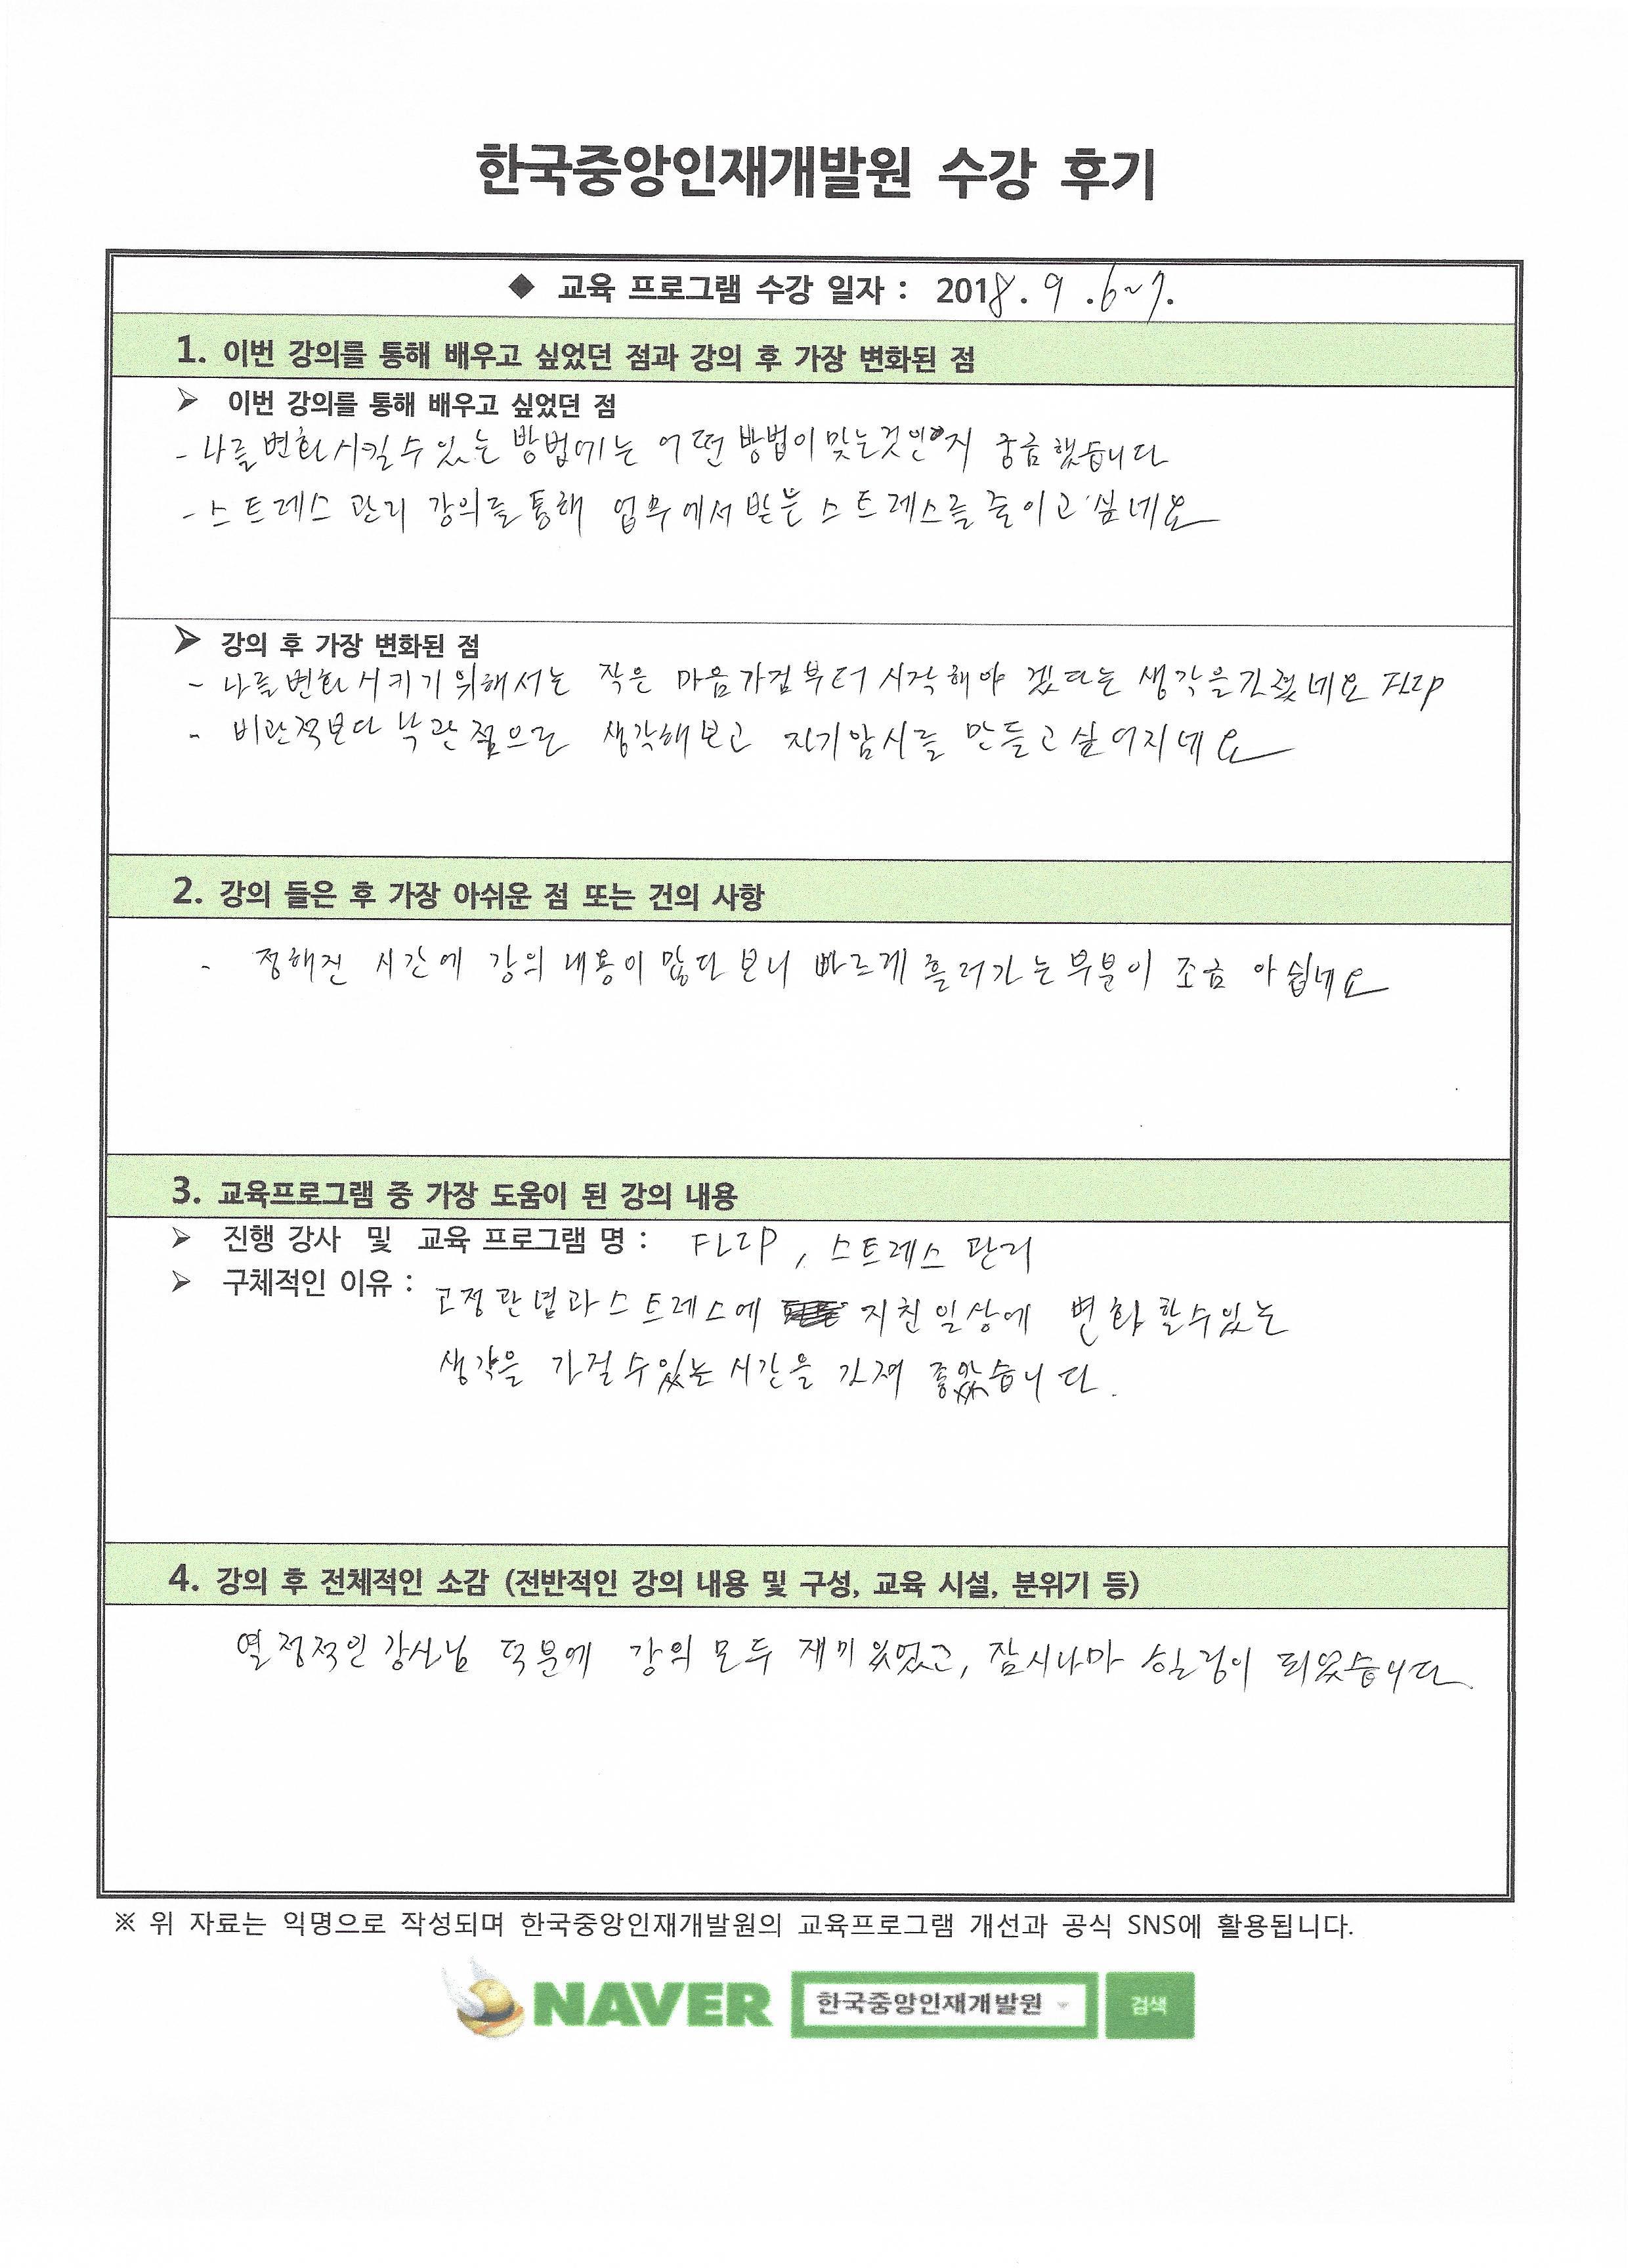 아진엑스텍후기 0907-18 사본.JPG